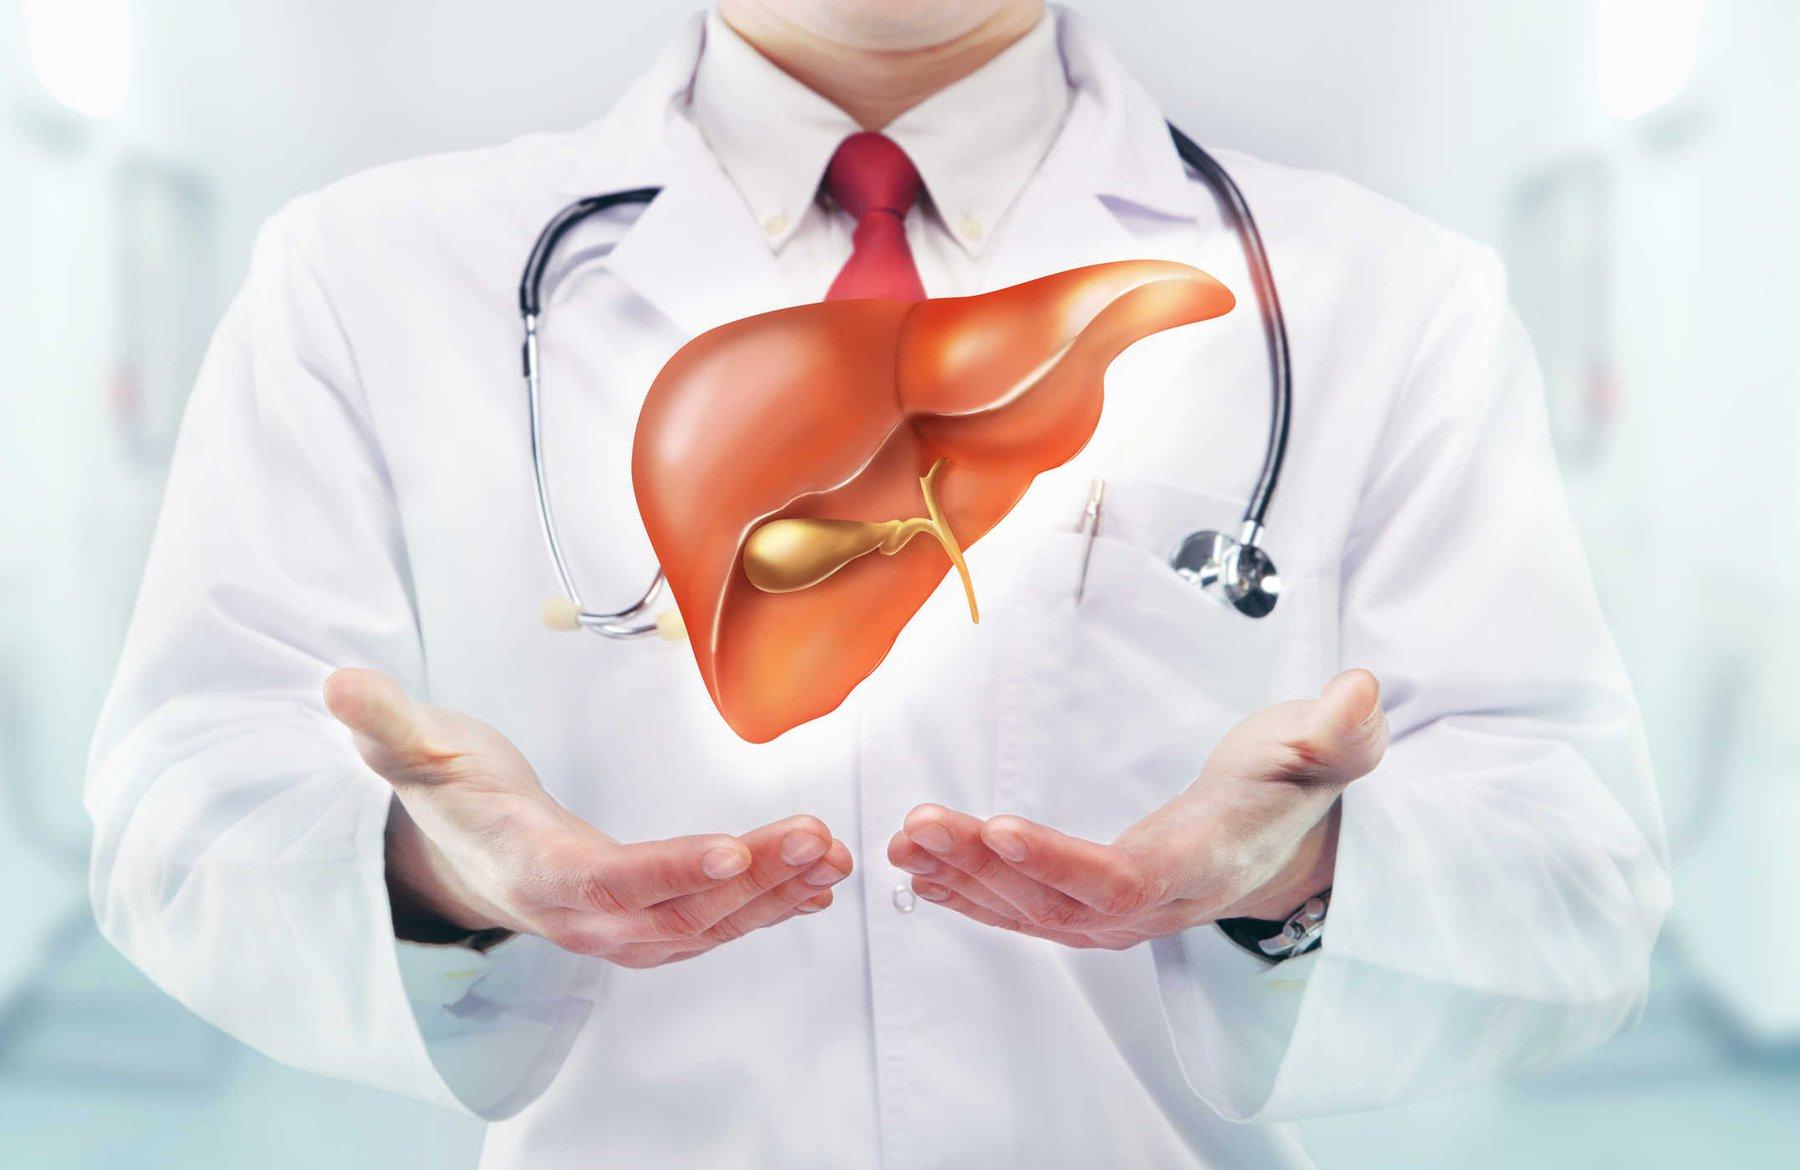 Người lớn bị viêm gan: Nên ăn gì, kiêng gì? - ảnh 1